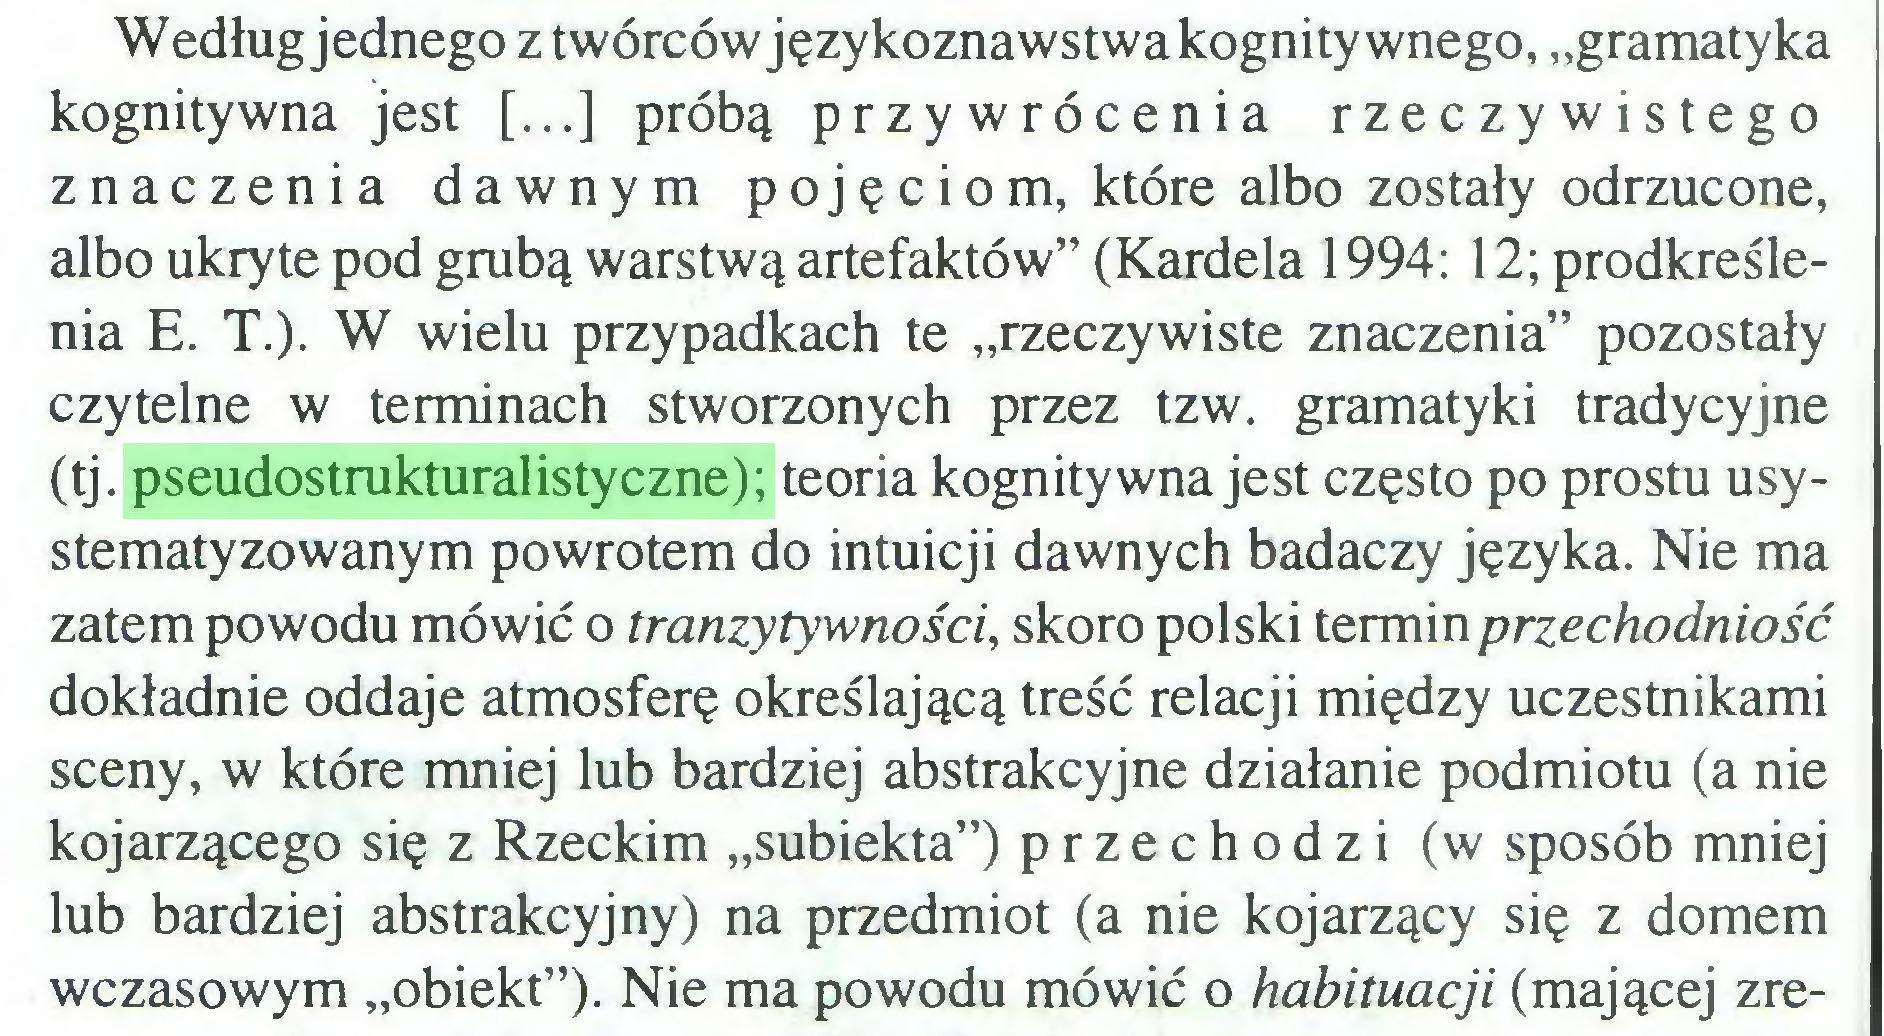 """(...) Według jednego z twórców językoznawstwa kognitywnego, """"gramatyka kognitywna jest [...] próbą przywrócenia rzeczywistego znaczenia dawnym pojęciom, które albo zostały odrzucone, albo ukryte pod grubą warstwą artefaktów"""" (Kardela 1994: 12; prodkreślenia E. T.). W wielu przypadkach te """"rzeczywiste znaczenia"""" pozostały czytelne w terminach stworzonych przez tzw. gramatyki tradycyjne (tj. pseudostrukturalistyczne); teoria kognitywna jest często po prostu usystematyzowanym powrotem do intuicji dawnych badaczy języka. Nie ma zatem powodu mówić o tranzytywności, skoro polski termin przechodniość dokładnie oddaje atmosferę określającą treść relacji między uczestnikami sceny, w które mniej lub bardziej abstrakcyjne działanie podmiotu (a nie kojarzącego się z Rzeckim """"subiekta"""") przechodzi (w sposób mniej lub bardziej abstrakcyjny) na przedmiot (a nie kojarzący się z domem wczasowym """"obiekt""""). Nie ma powodu mówić o habituacji (mającej zre..."""